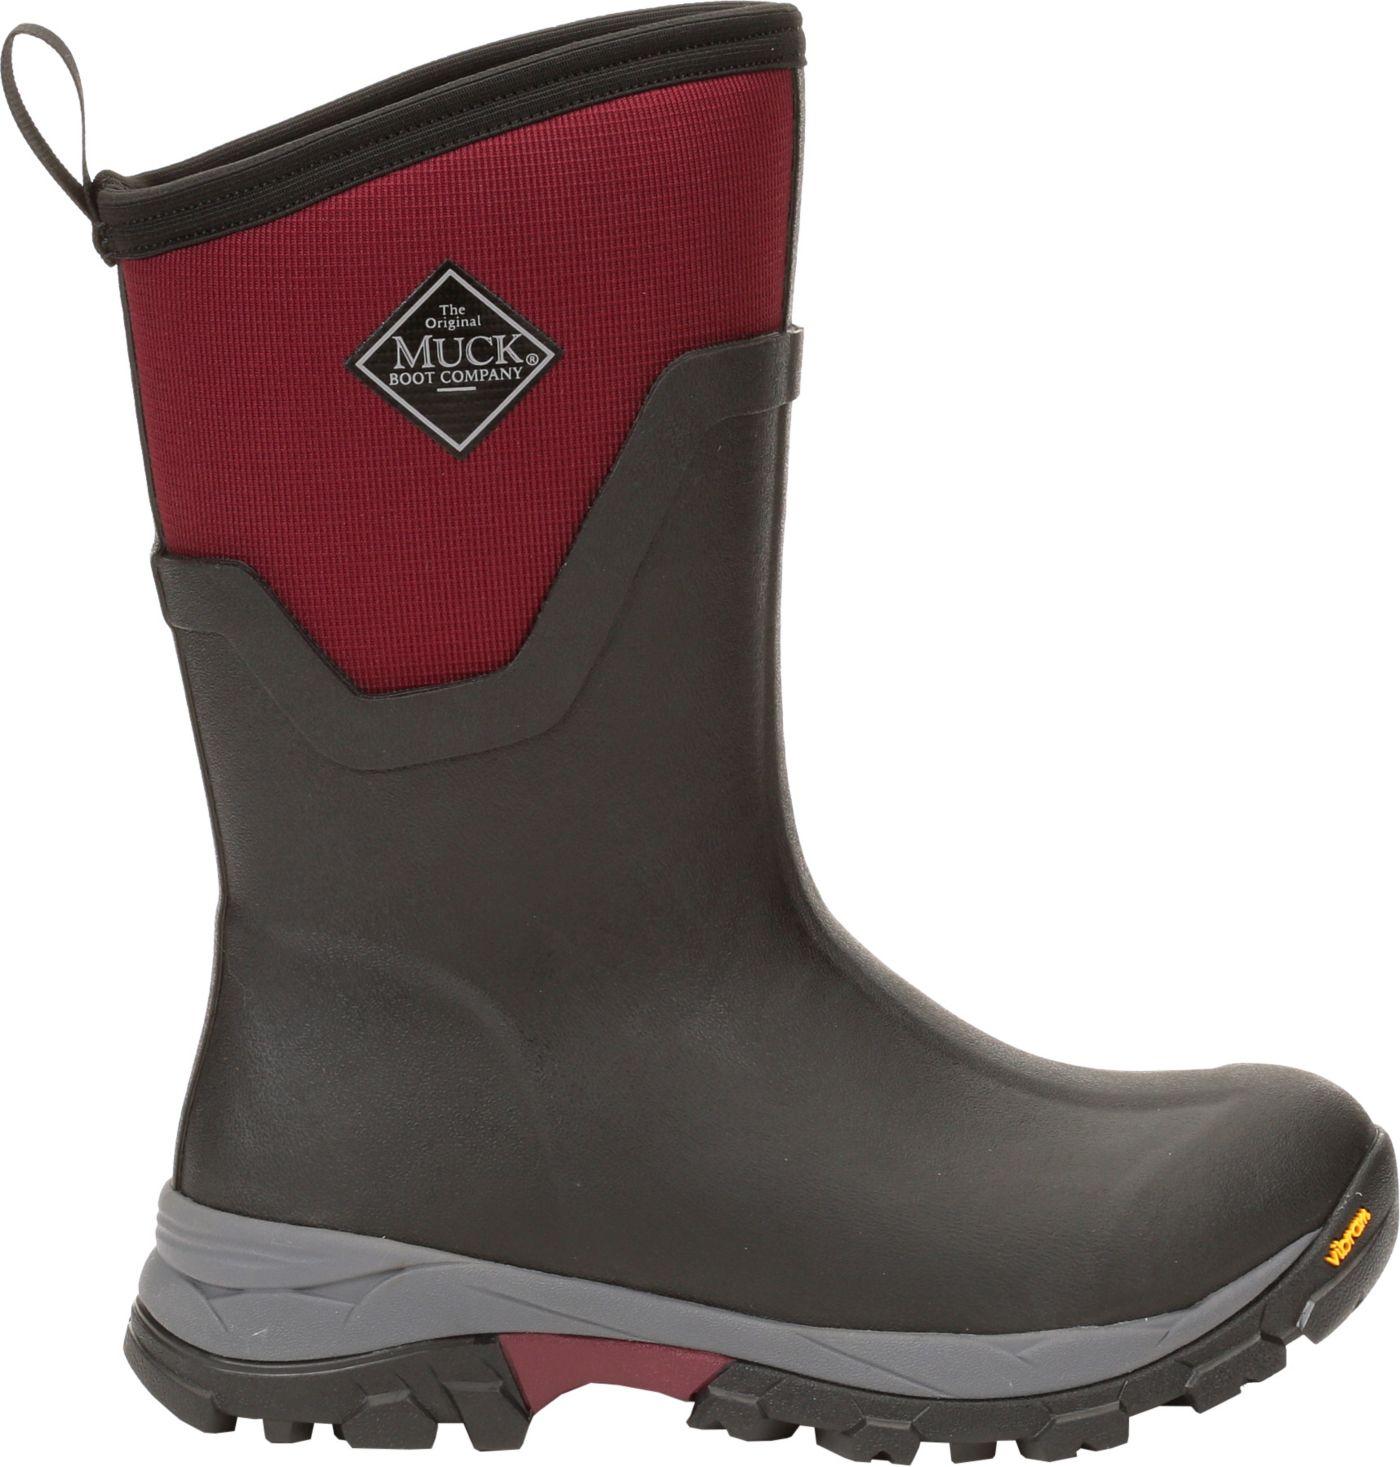 Muck Boots Women's Arctic Ice II Mid Waterproof Winter Boots